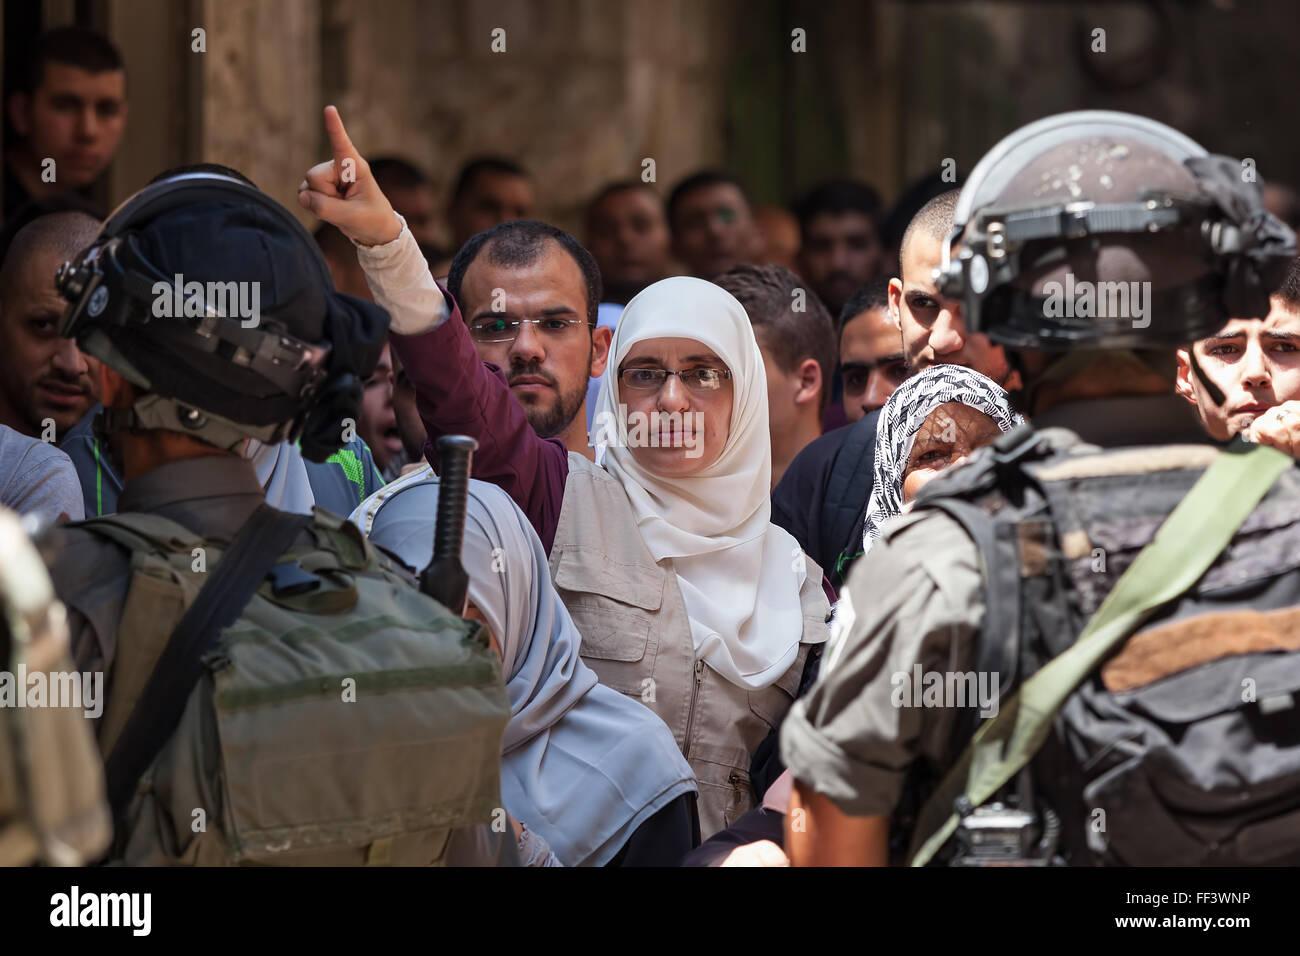 Palästinensische Protest in alte Stadt von Jerusalem, Israel. Stockbild